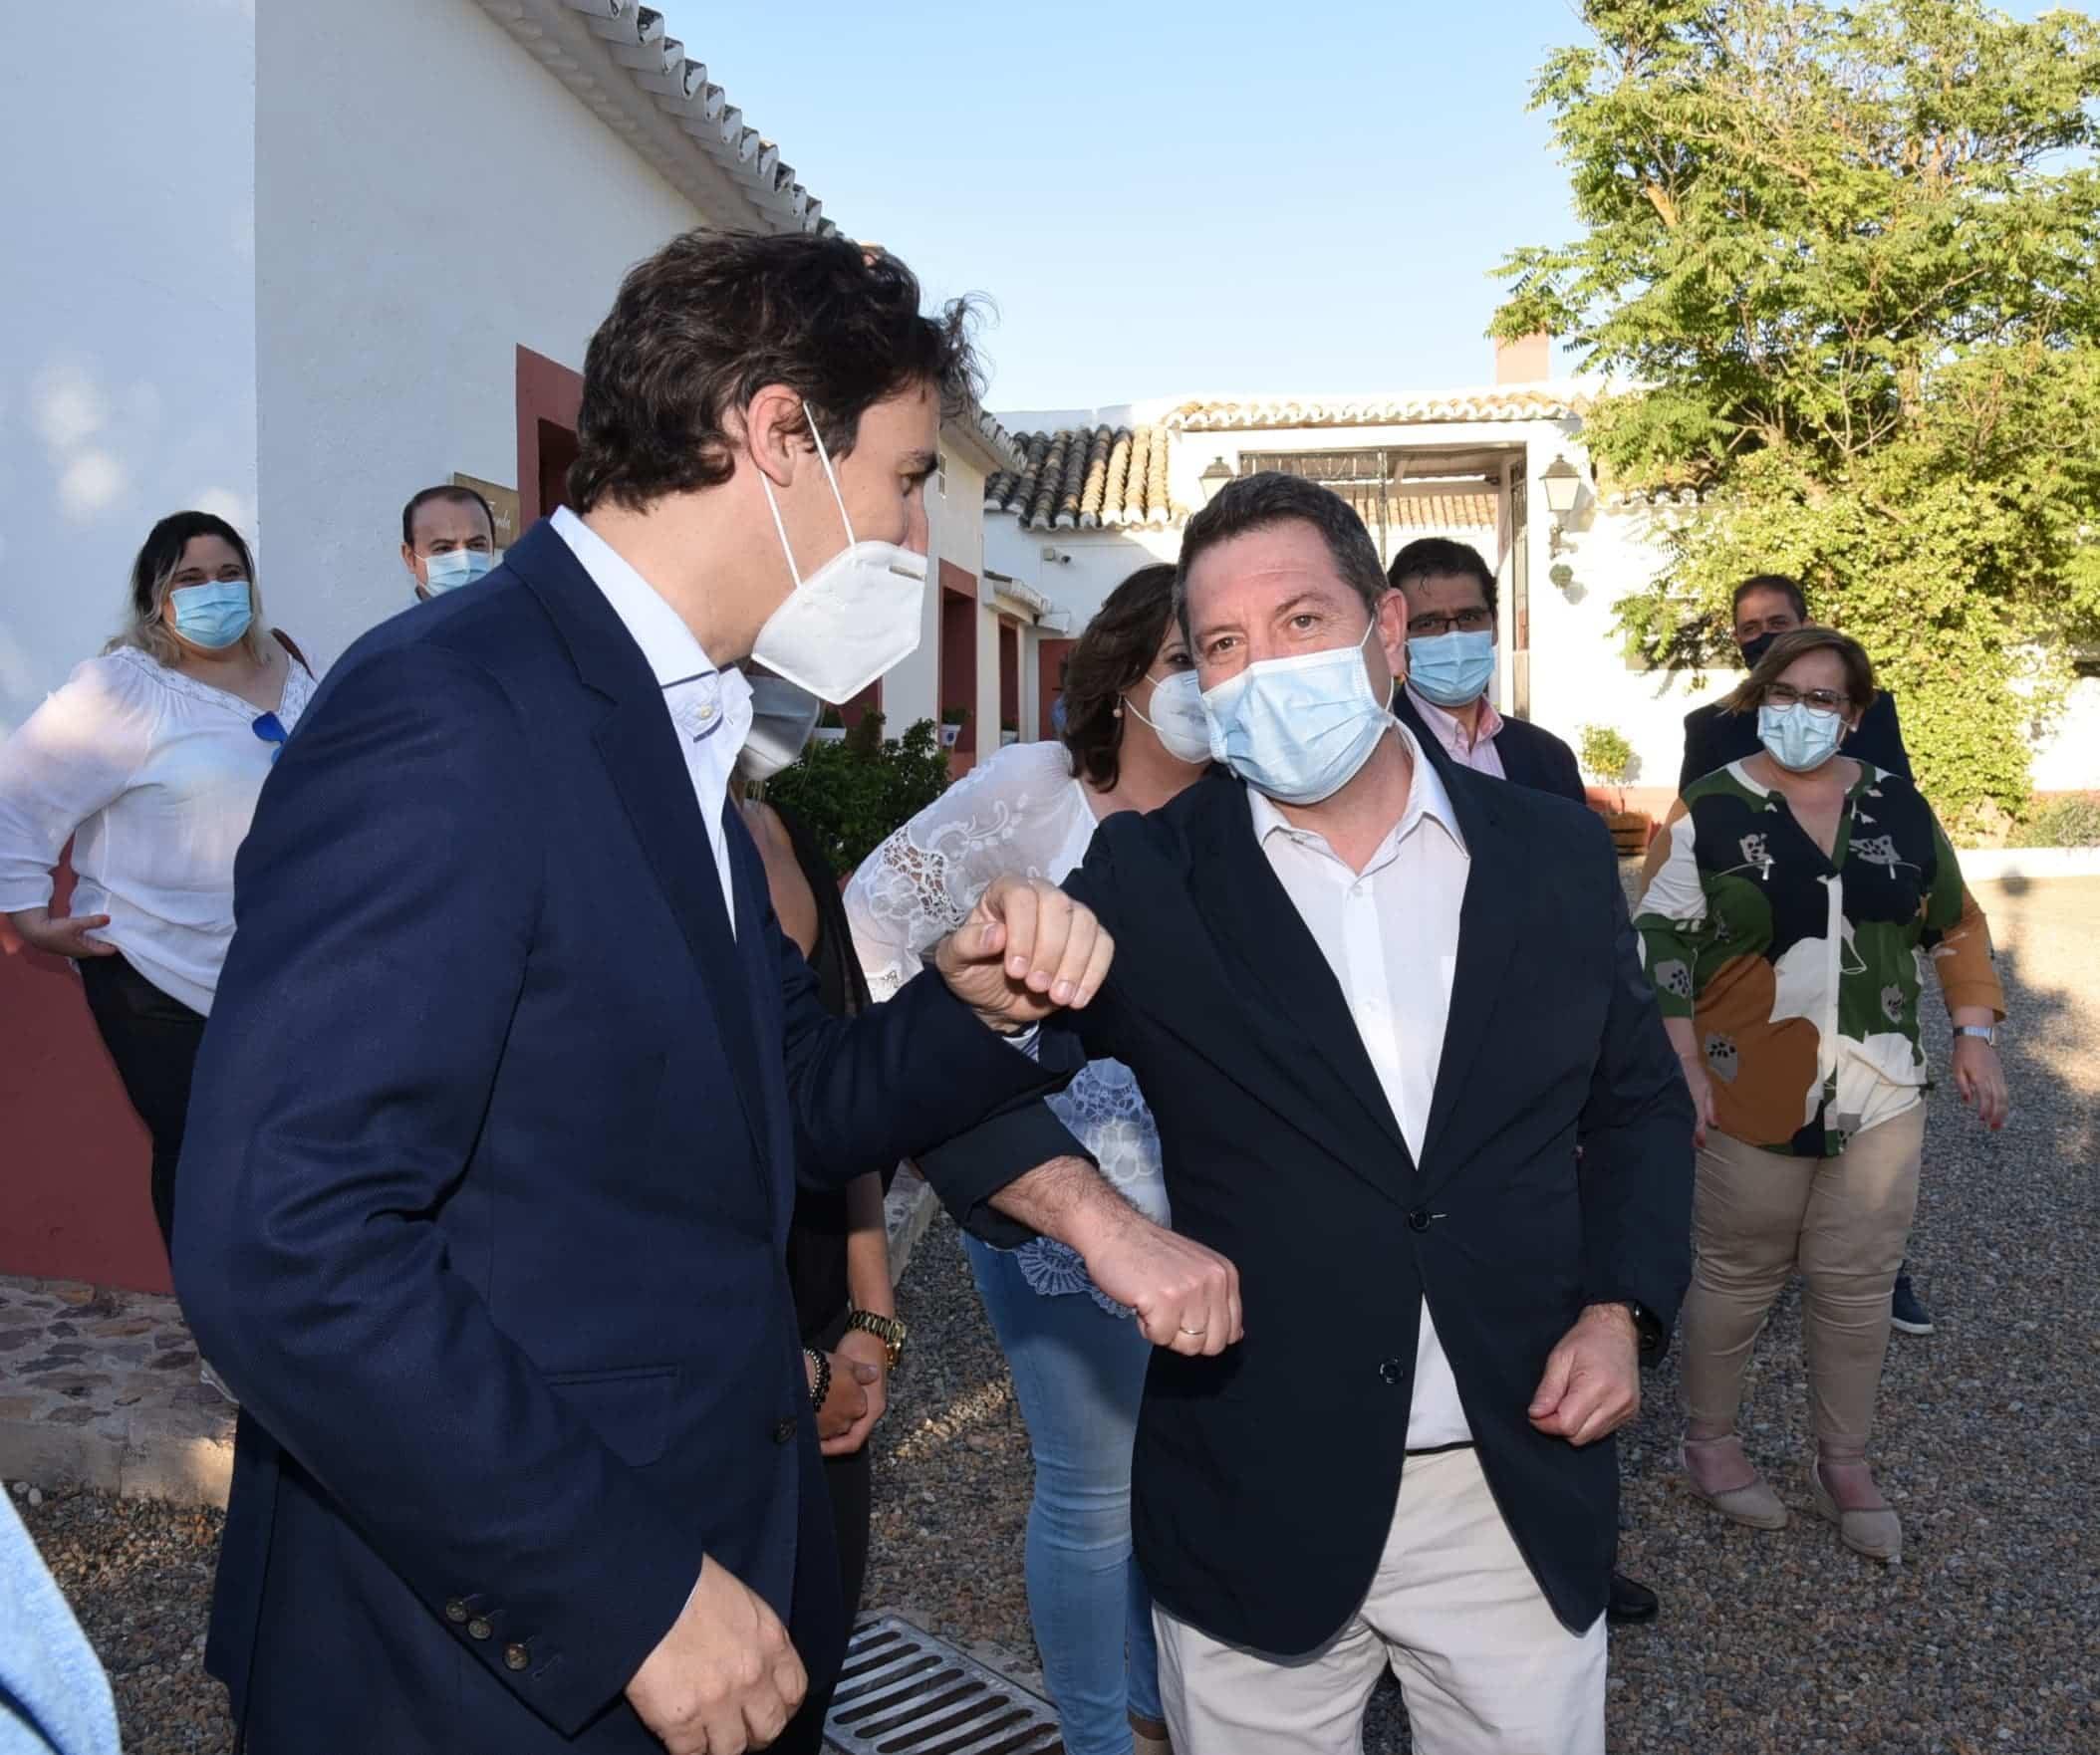 """visita el complejo rural cortijo sierra de la solana 1878 50017236827 o - Visita al complejo rural """"Cortijo Sierra de la Solana 1878"""" en Herencia"""